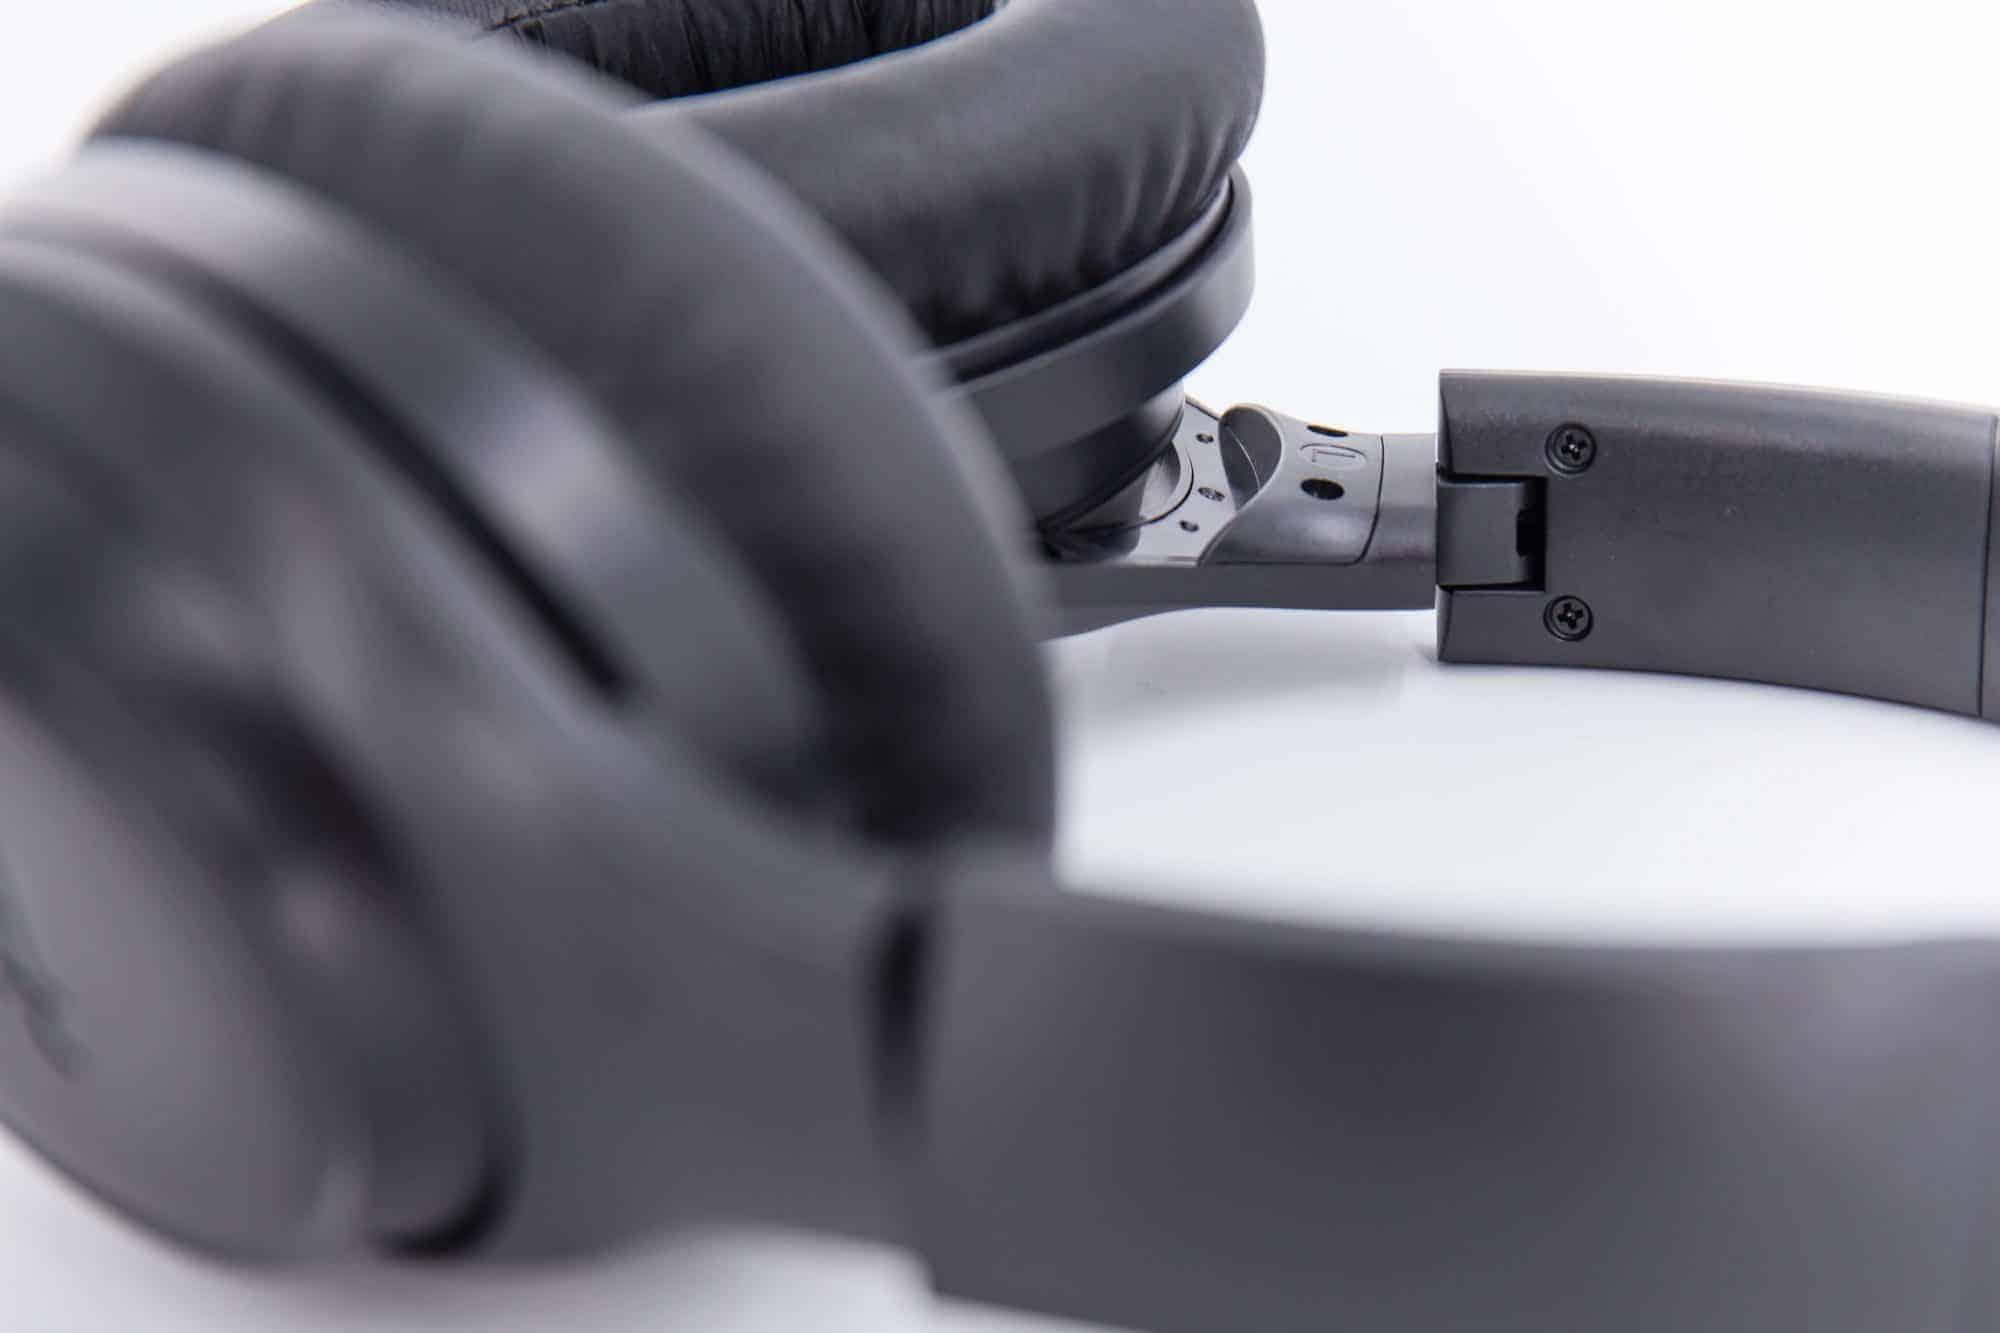 與Sony和Bose同級美學!TaoTronics SoundSurge 60降噪耳罩耳機推薦-TechTeller (科技說)